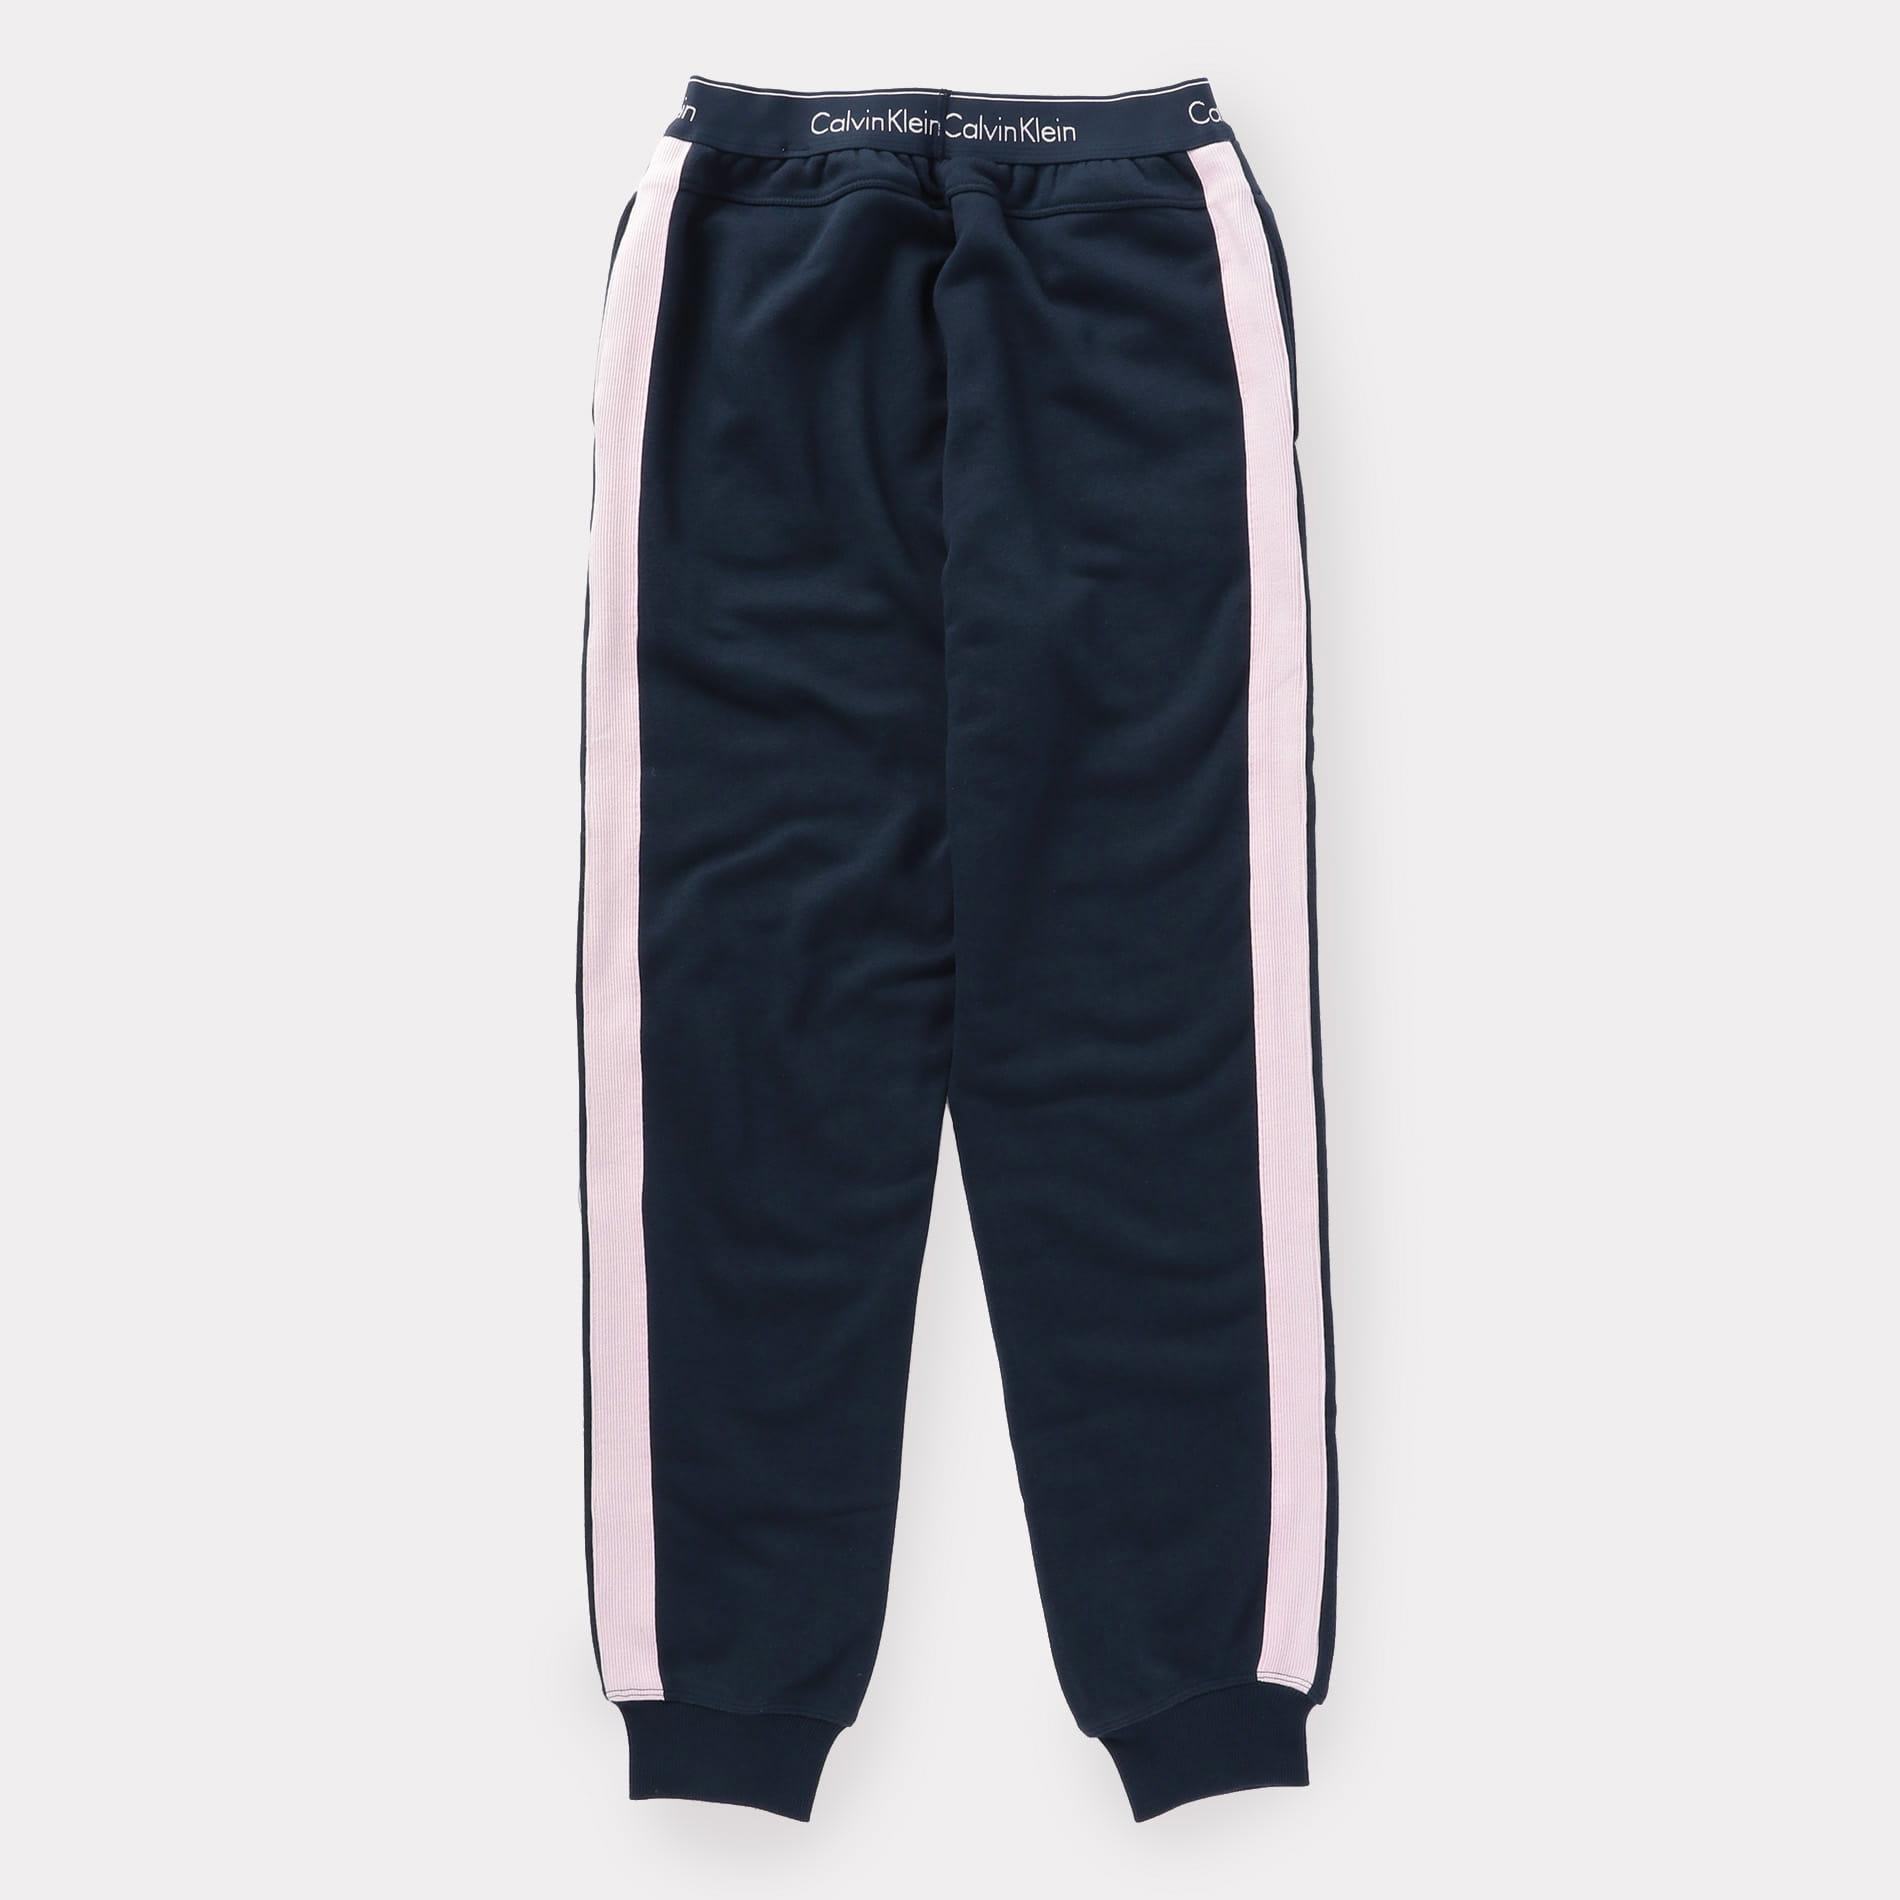 【Calvin Klein underwear】WOMEN スウェットパンツ QS6259